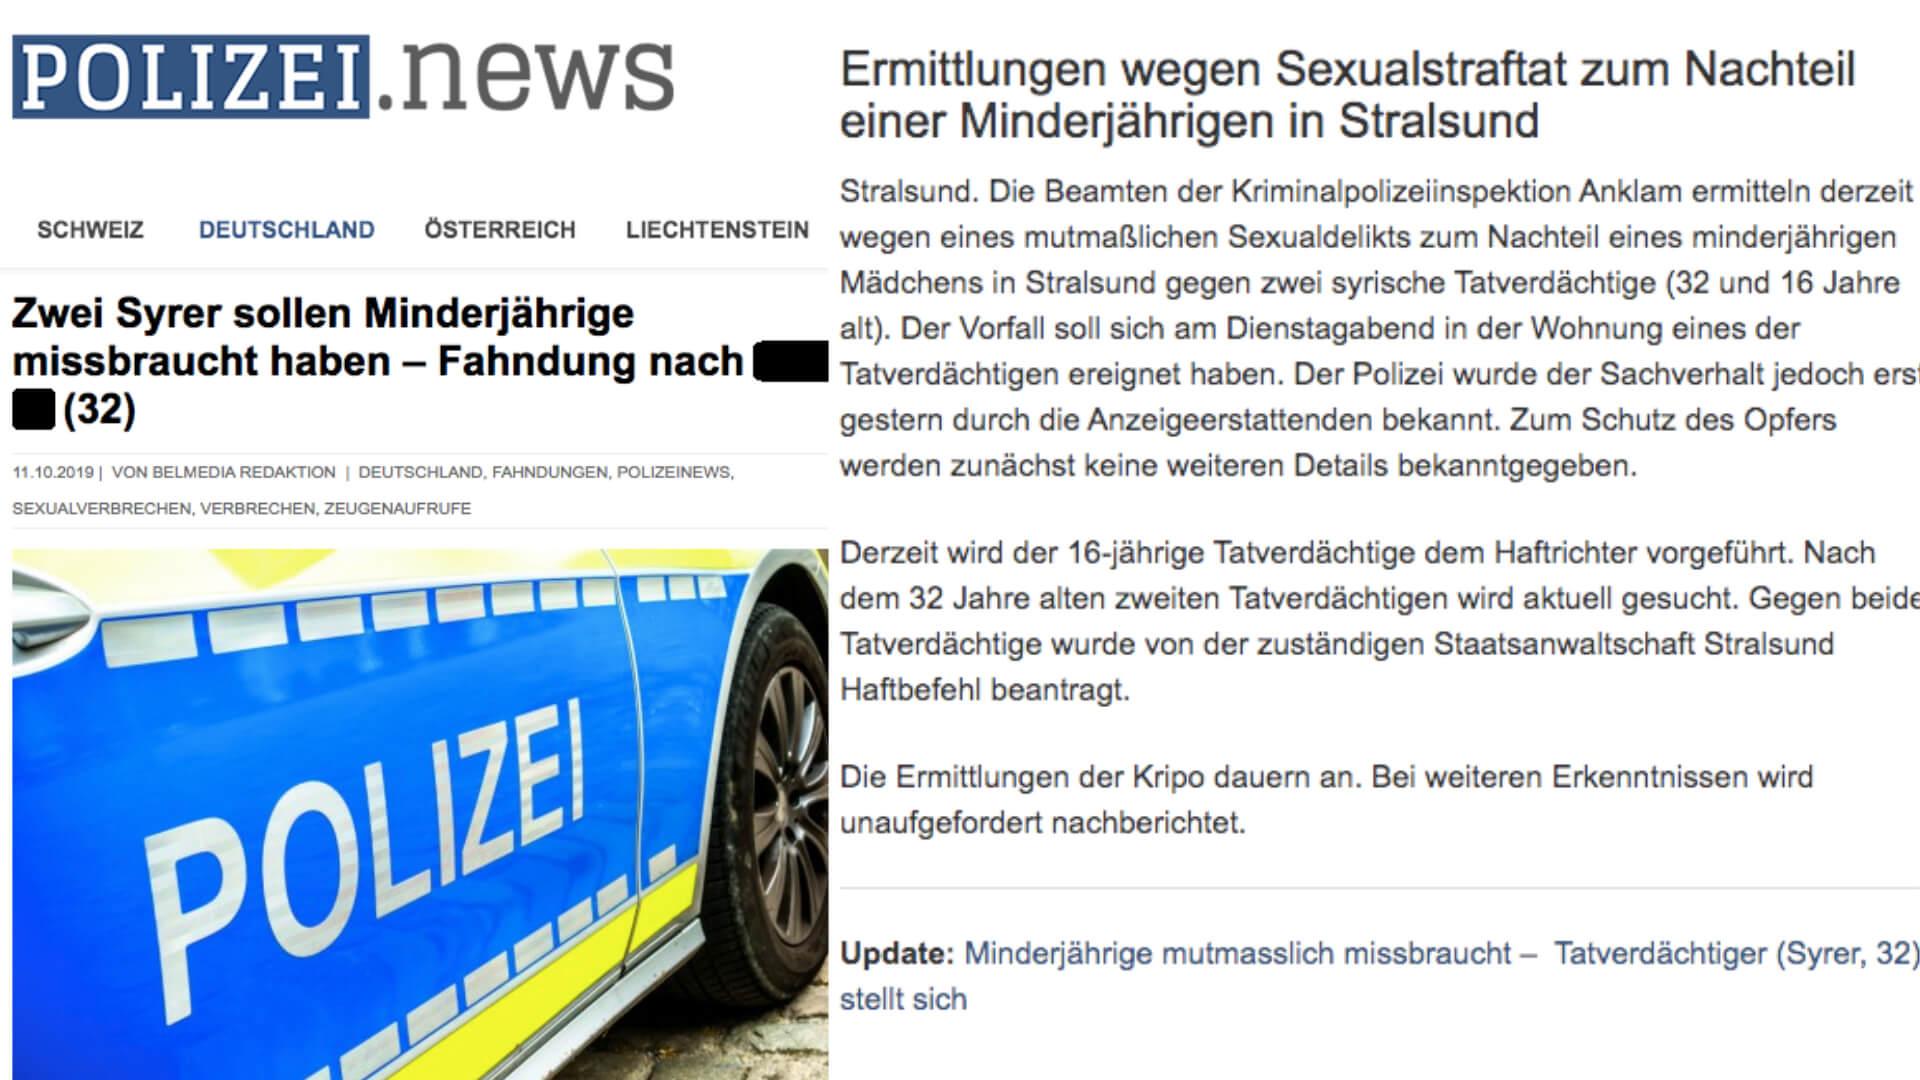 Mutmaßliche Sexualstraftat in Stralsund 2019: Nein, dieser Fahndungsaufruf ist nicht mehr aktuell